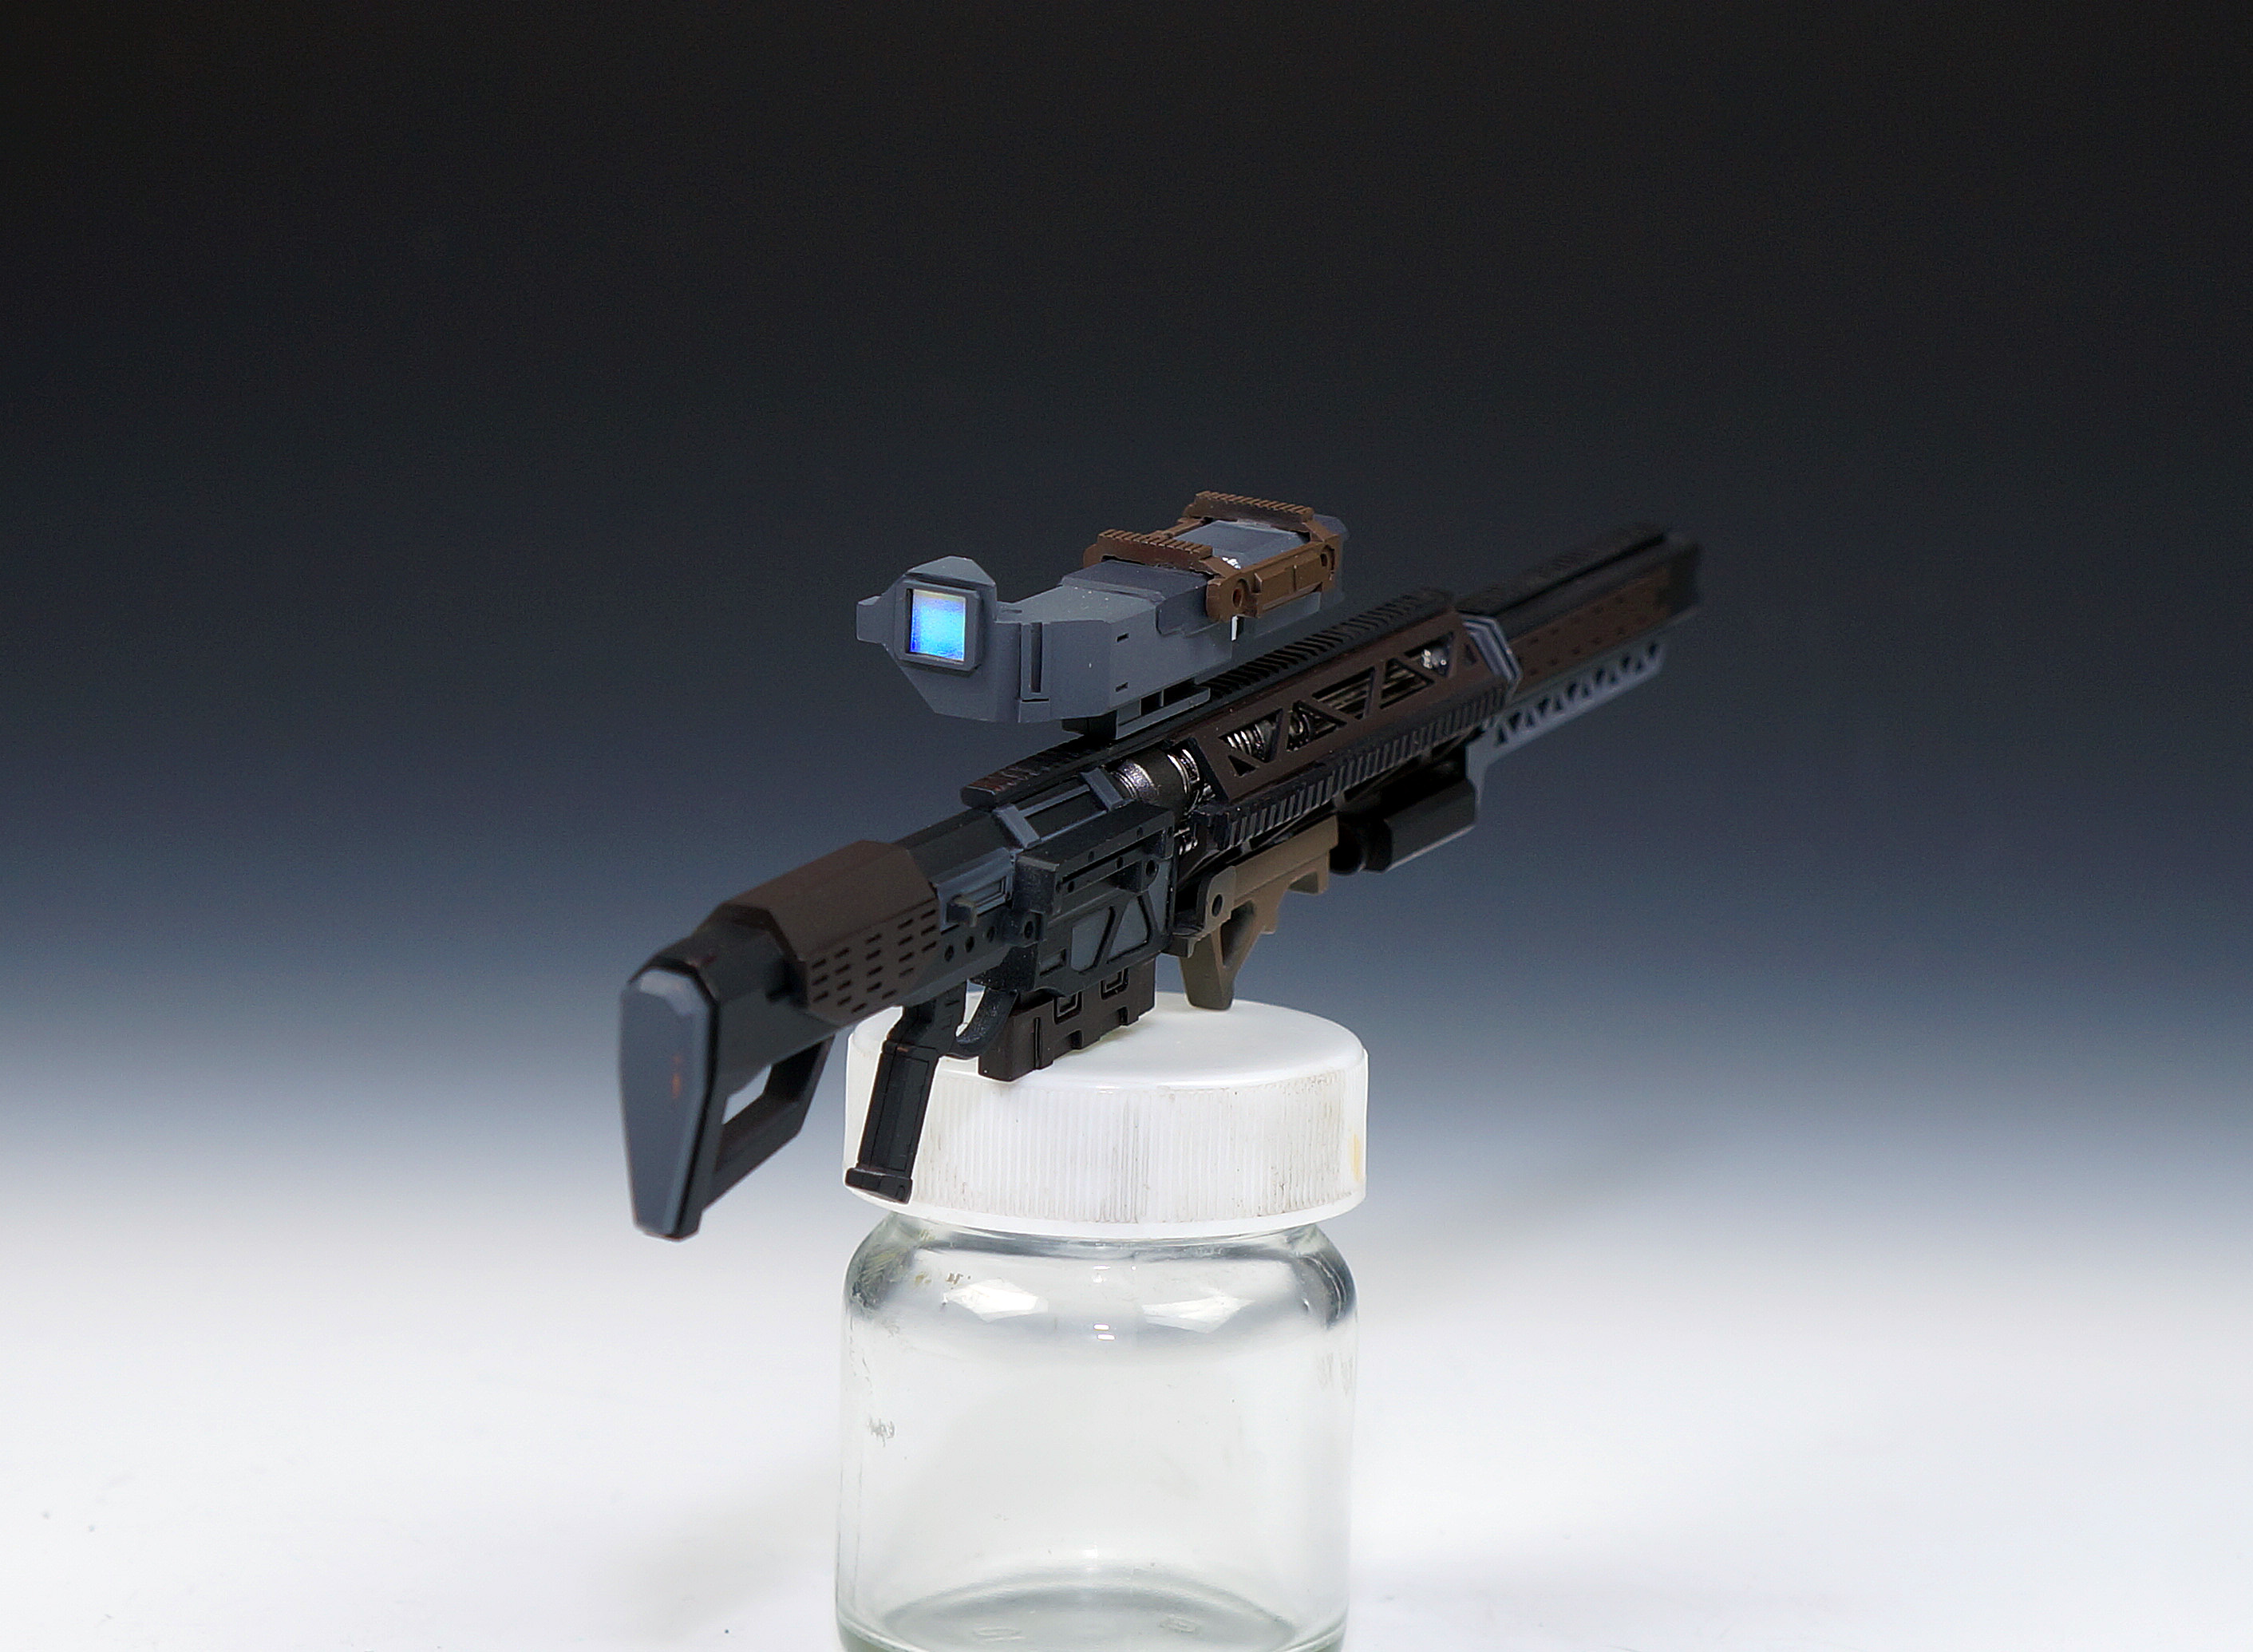 G261_sniper_inask_016.jpg